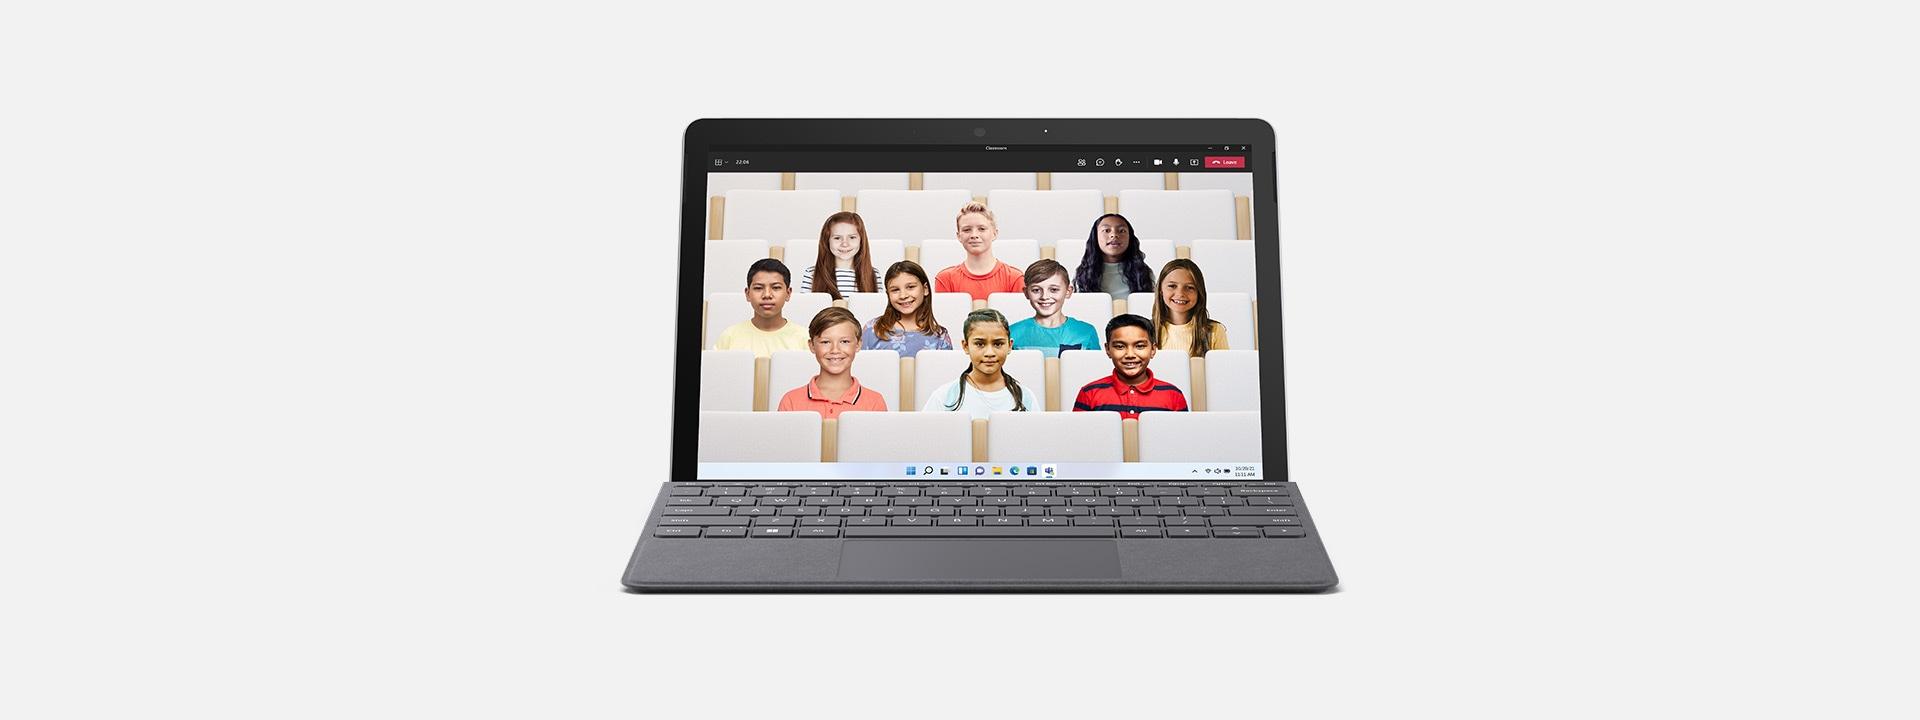 SurfaceGo3 sous forme d'ordinateur portable affichant une configuration Teams en classe.